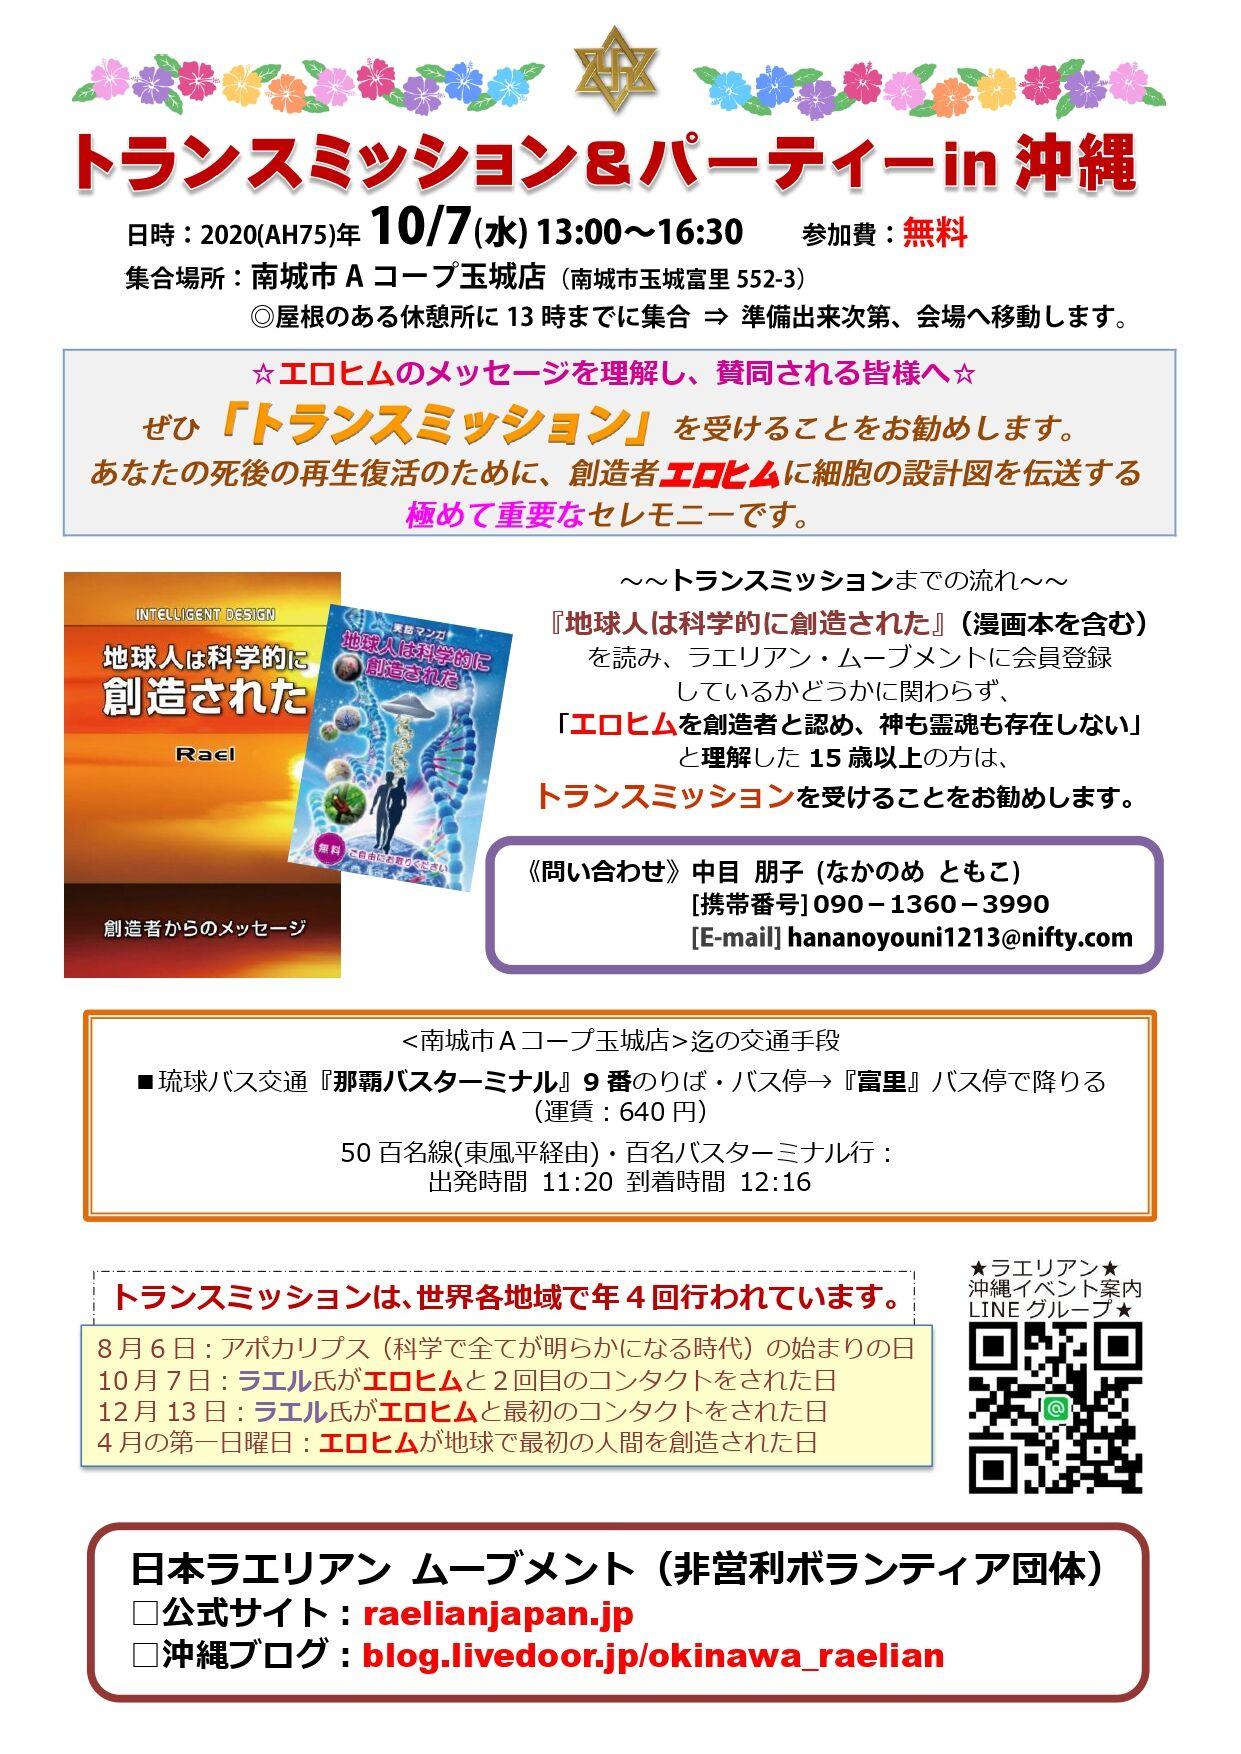 10/7(水)は、ラエル氏と一緒に!!トランスミッション&パーティー in 沖縄に、お気軽にお越しくださいませ♪